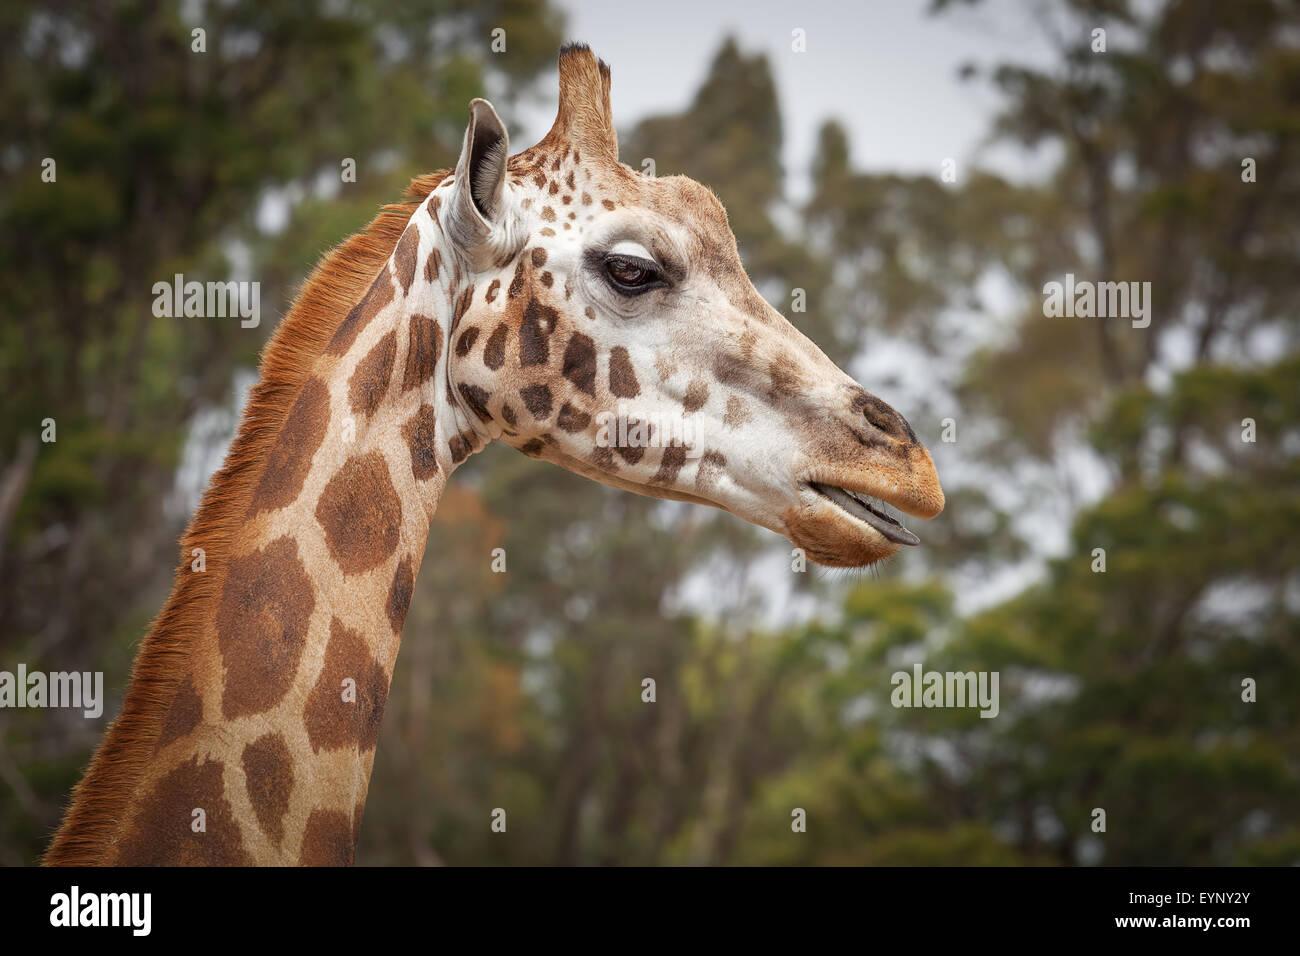 Closeup ritratto della Giraffa con la lingua fuori Immagini Stock